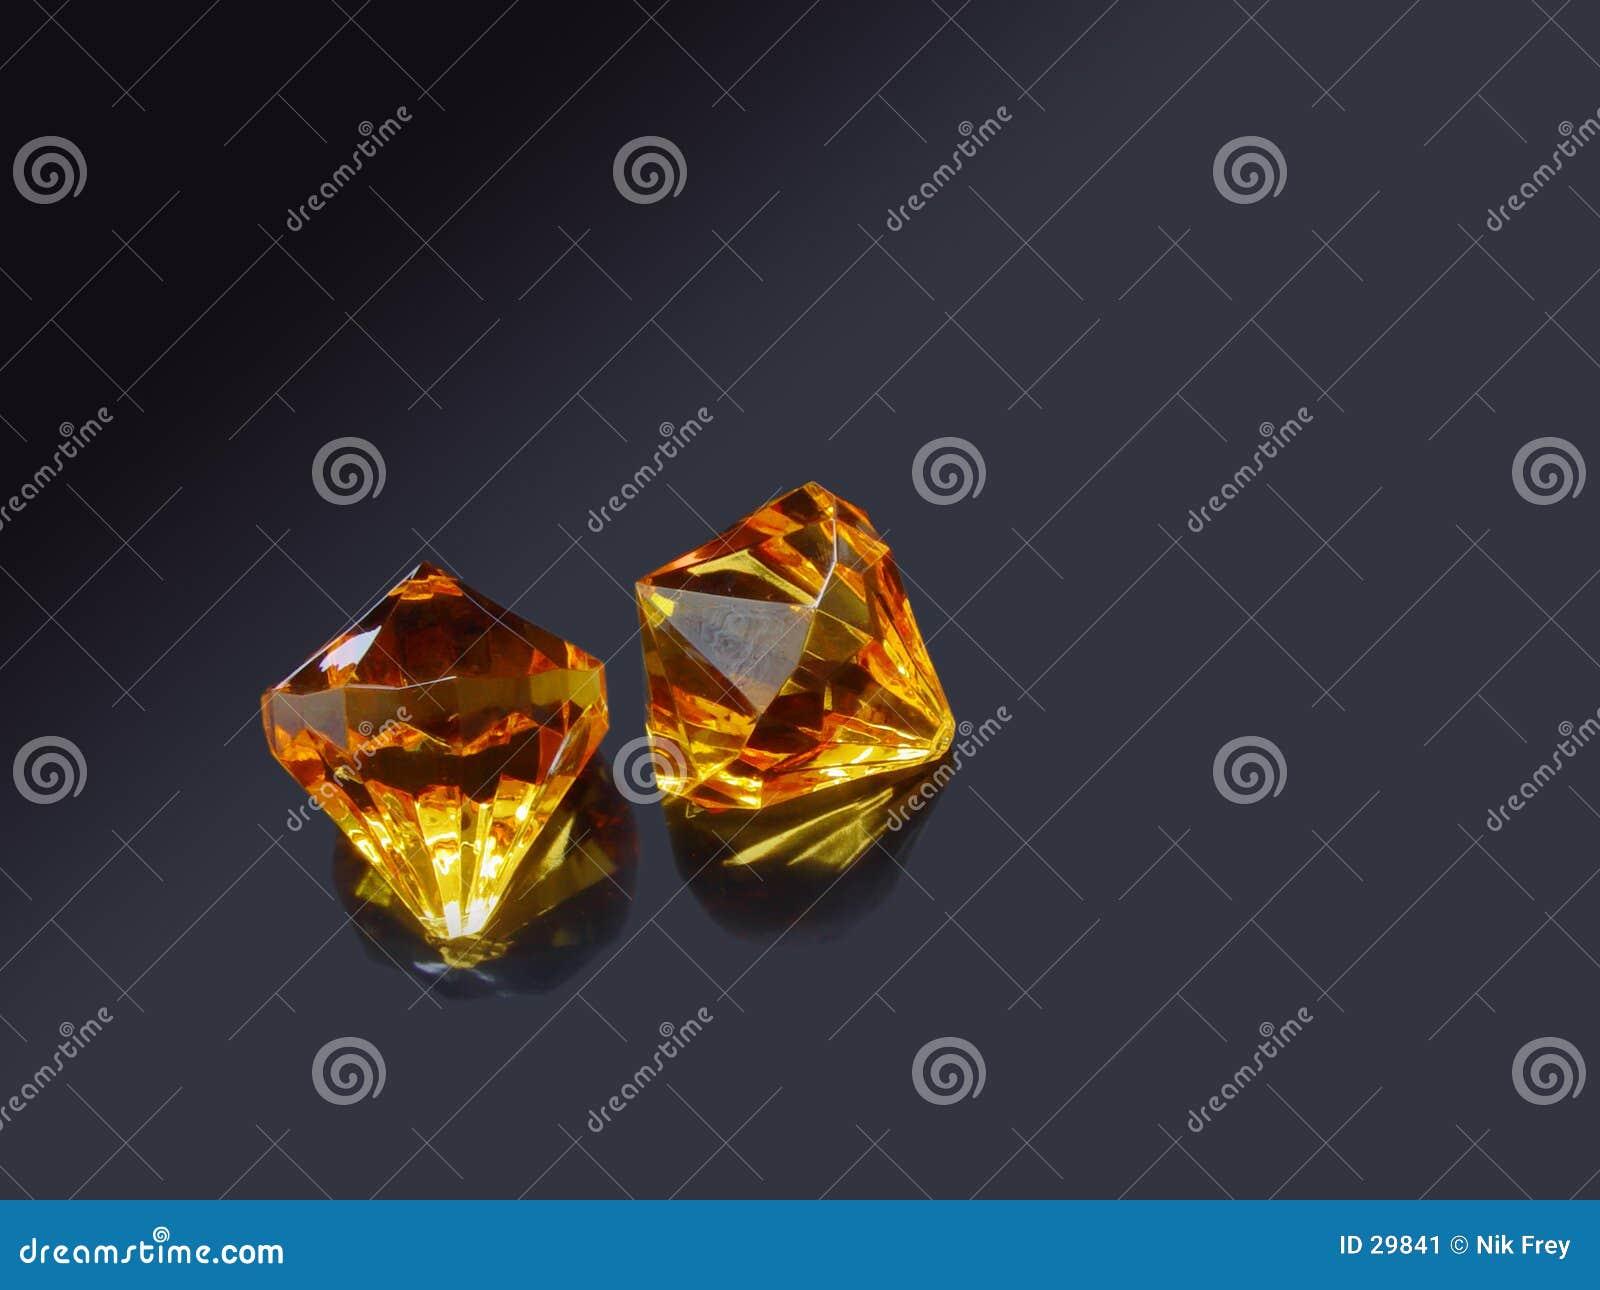 Diamonds ... I